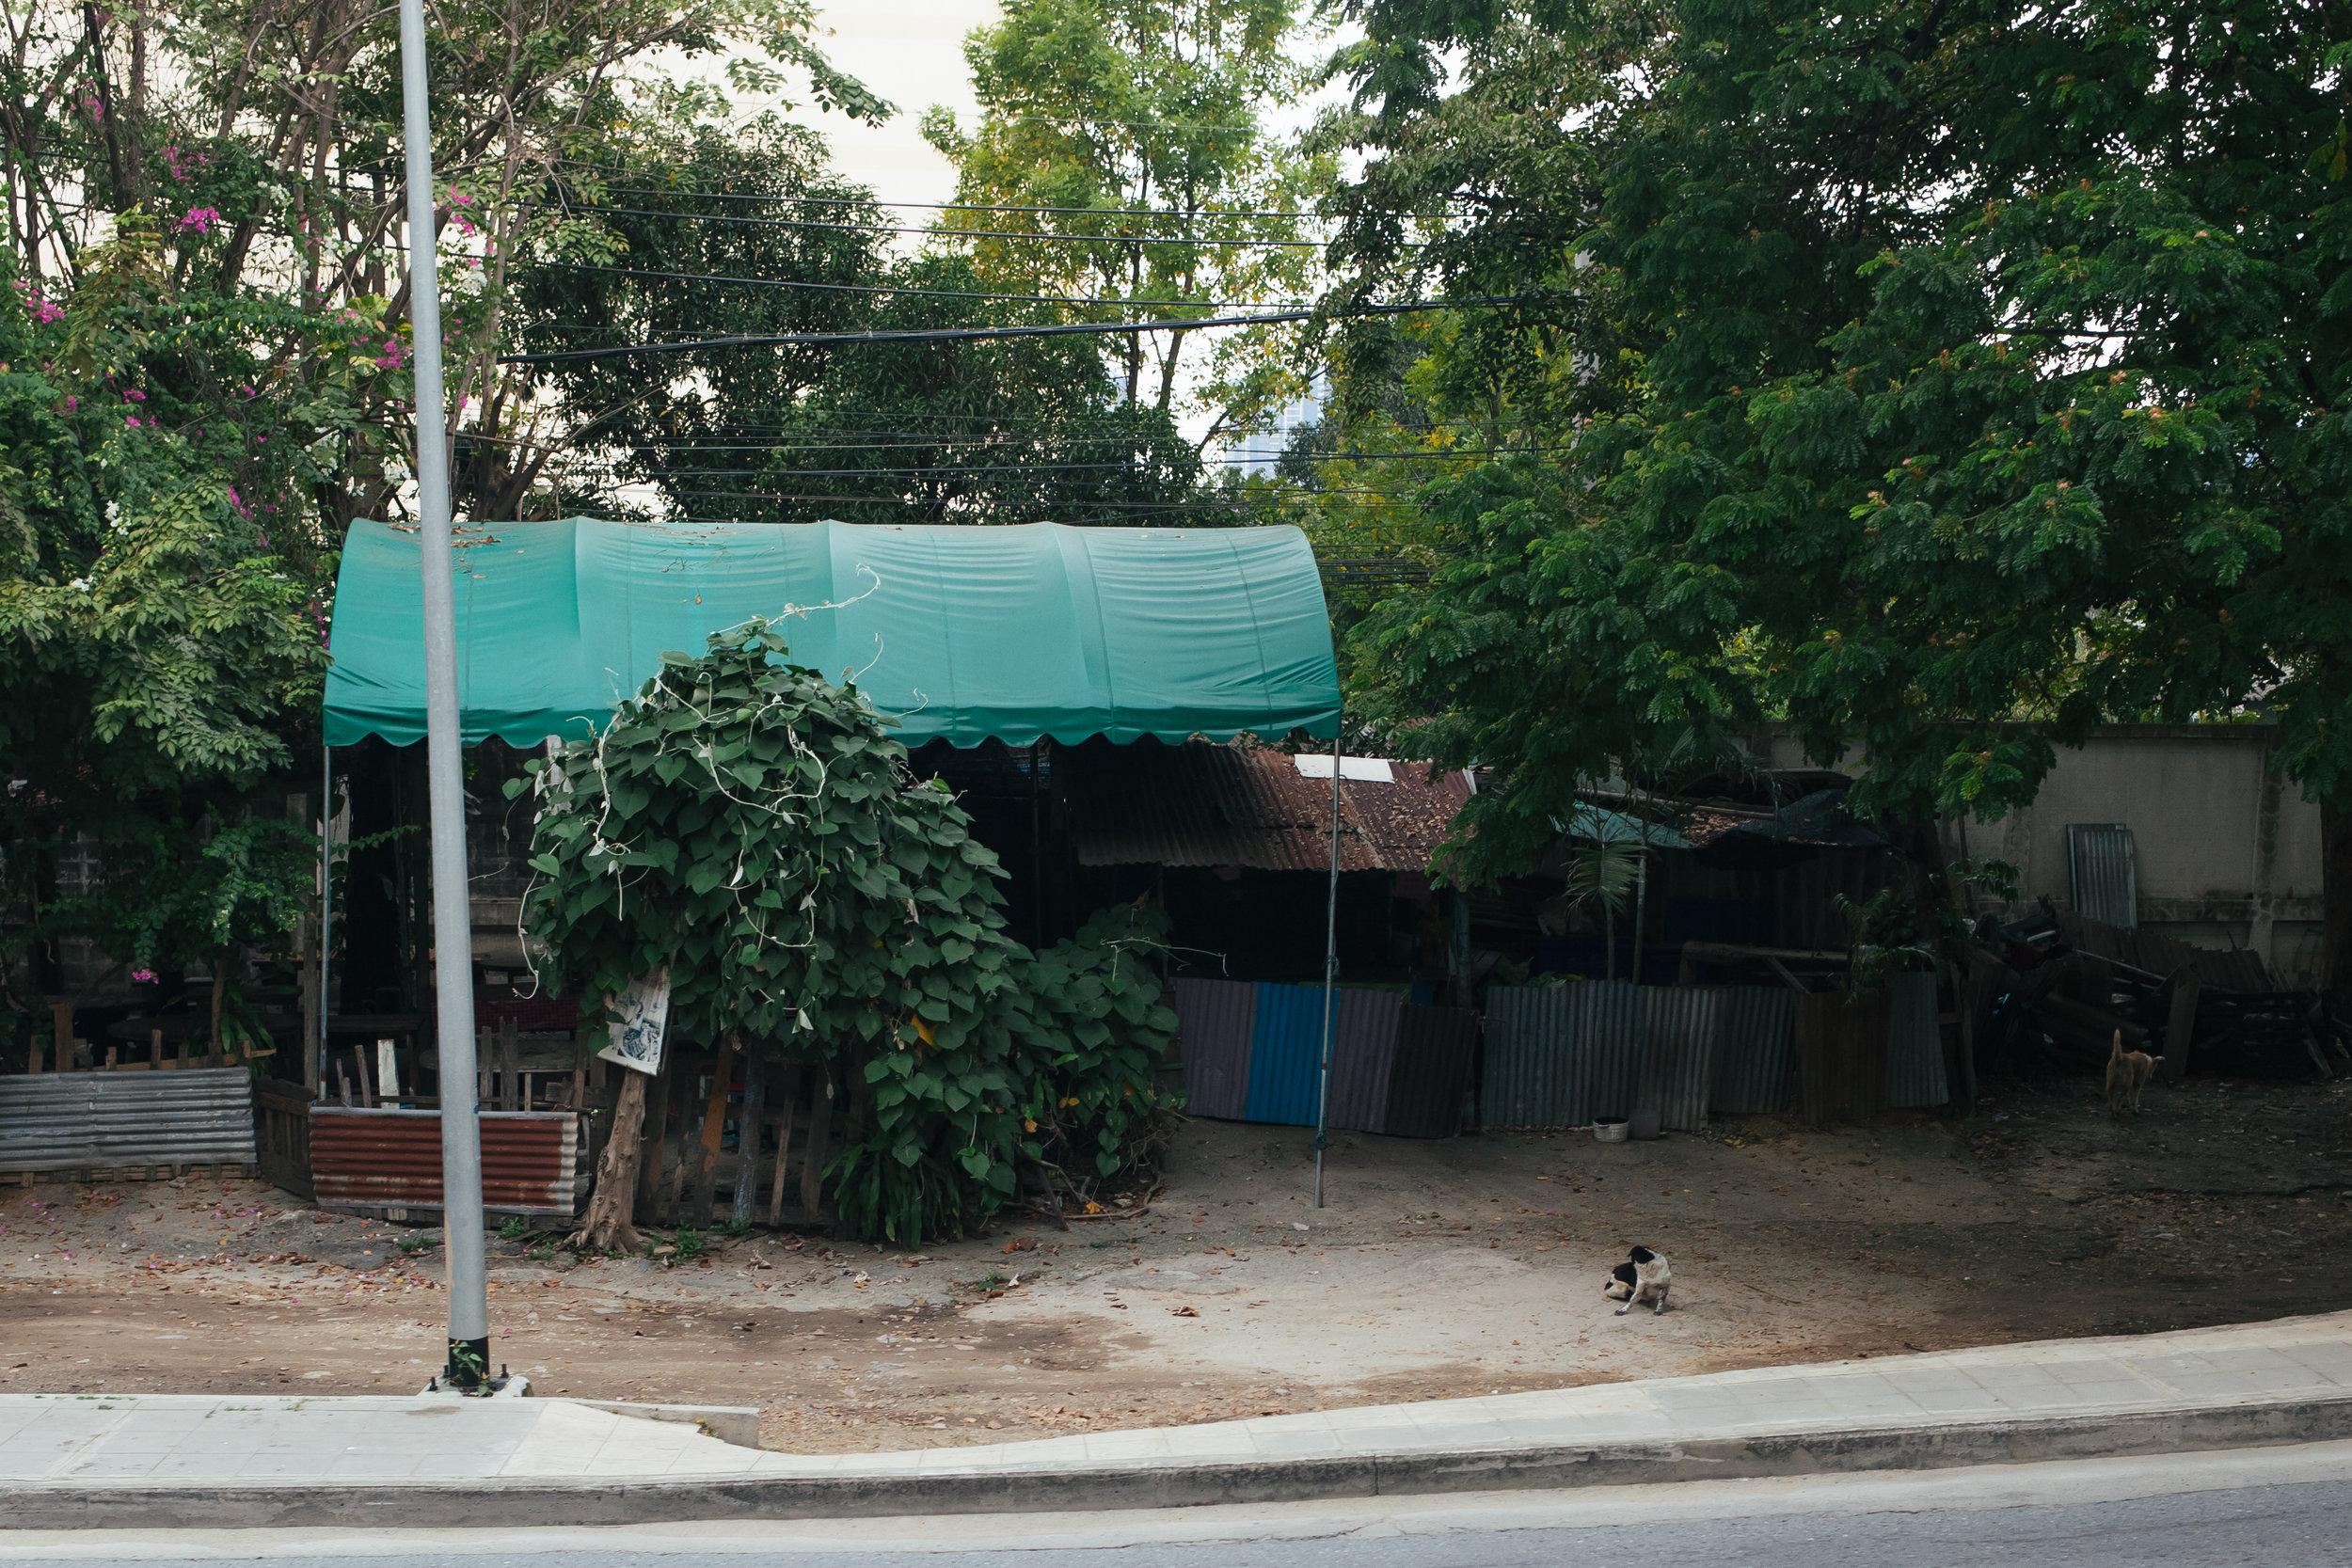 thailand_lampang_ayuthaya_train (63 of 77).jpg